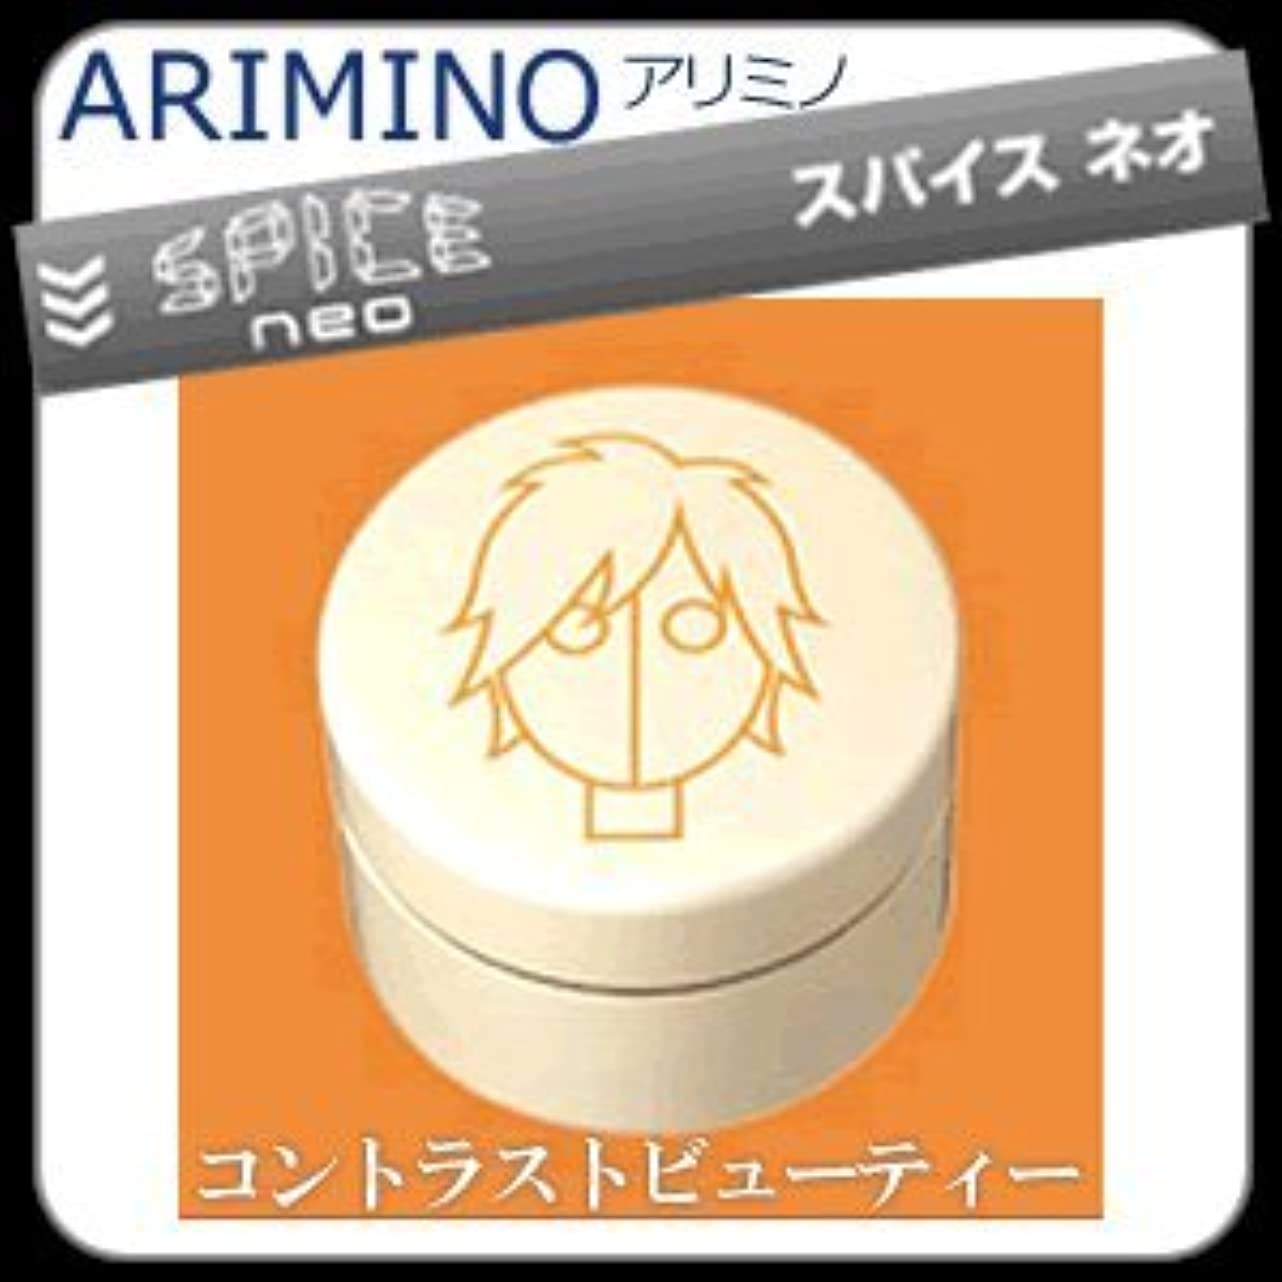 ホーン完全にあいにく【X4個セット】 アリミノ スパイスネオ LIGHT HARD-WAX ライトハードワックス 100g ARIMINO SPICE neo